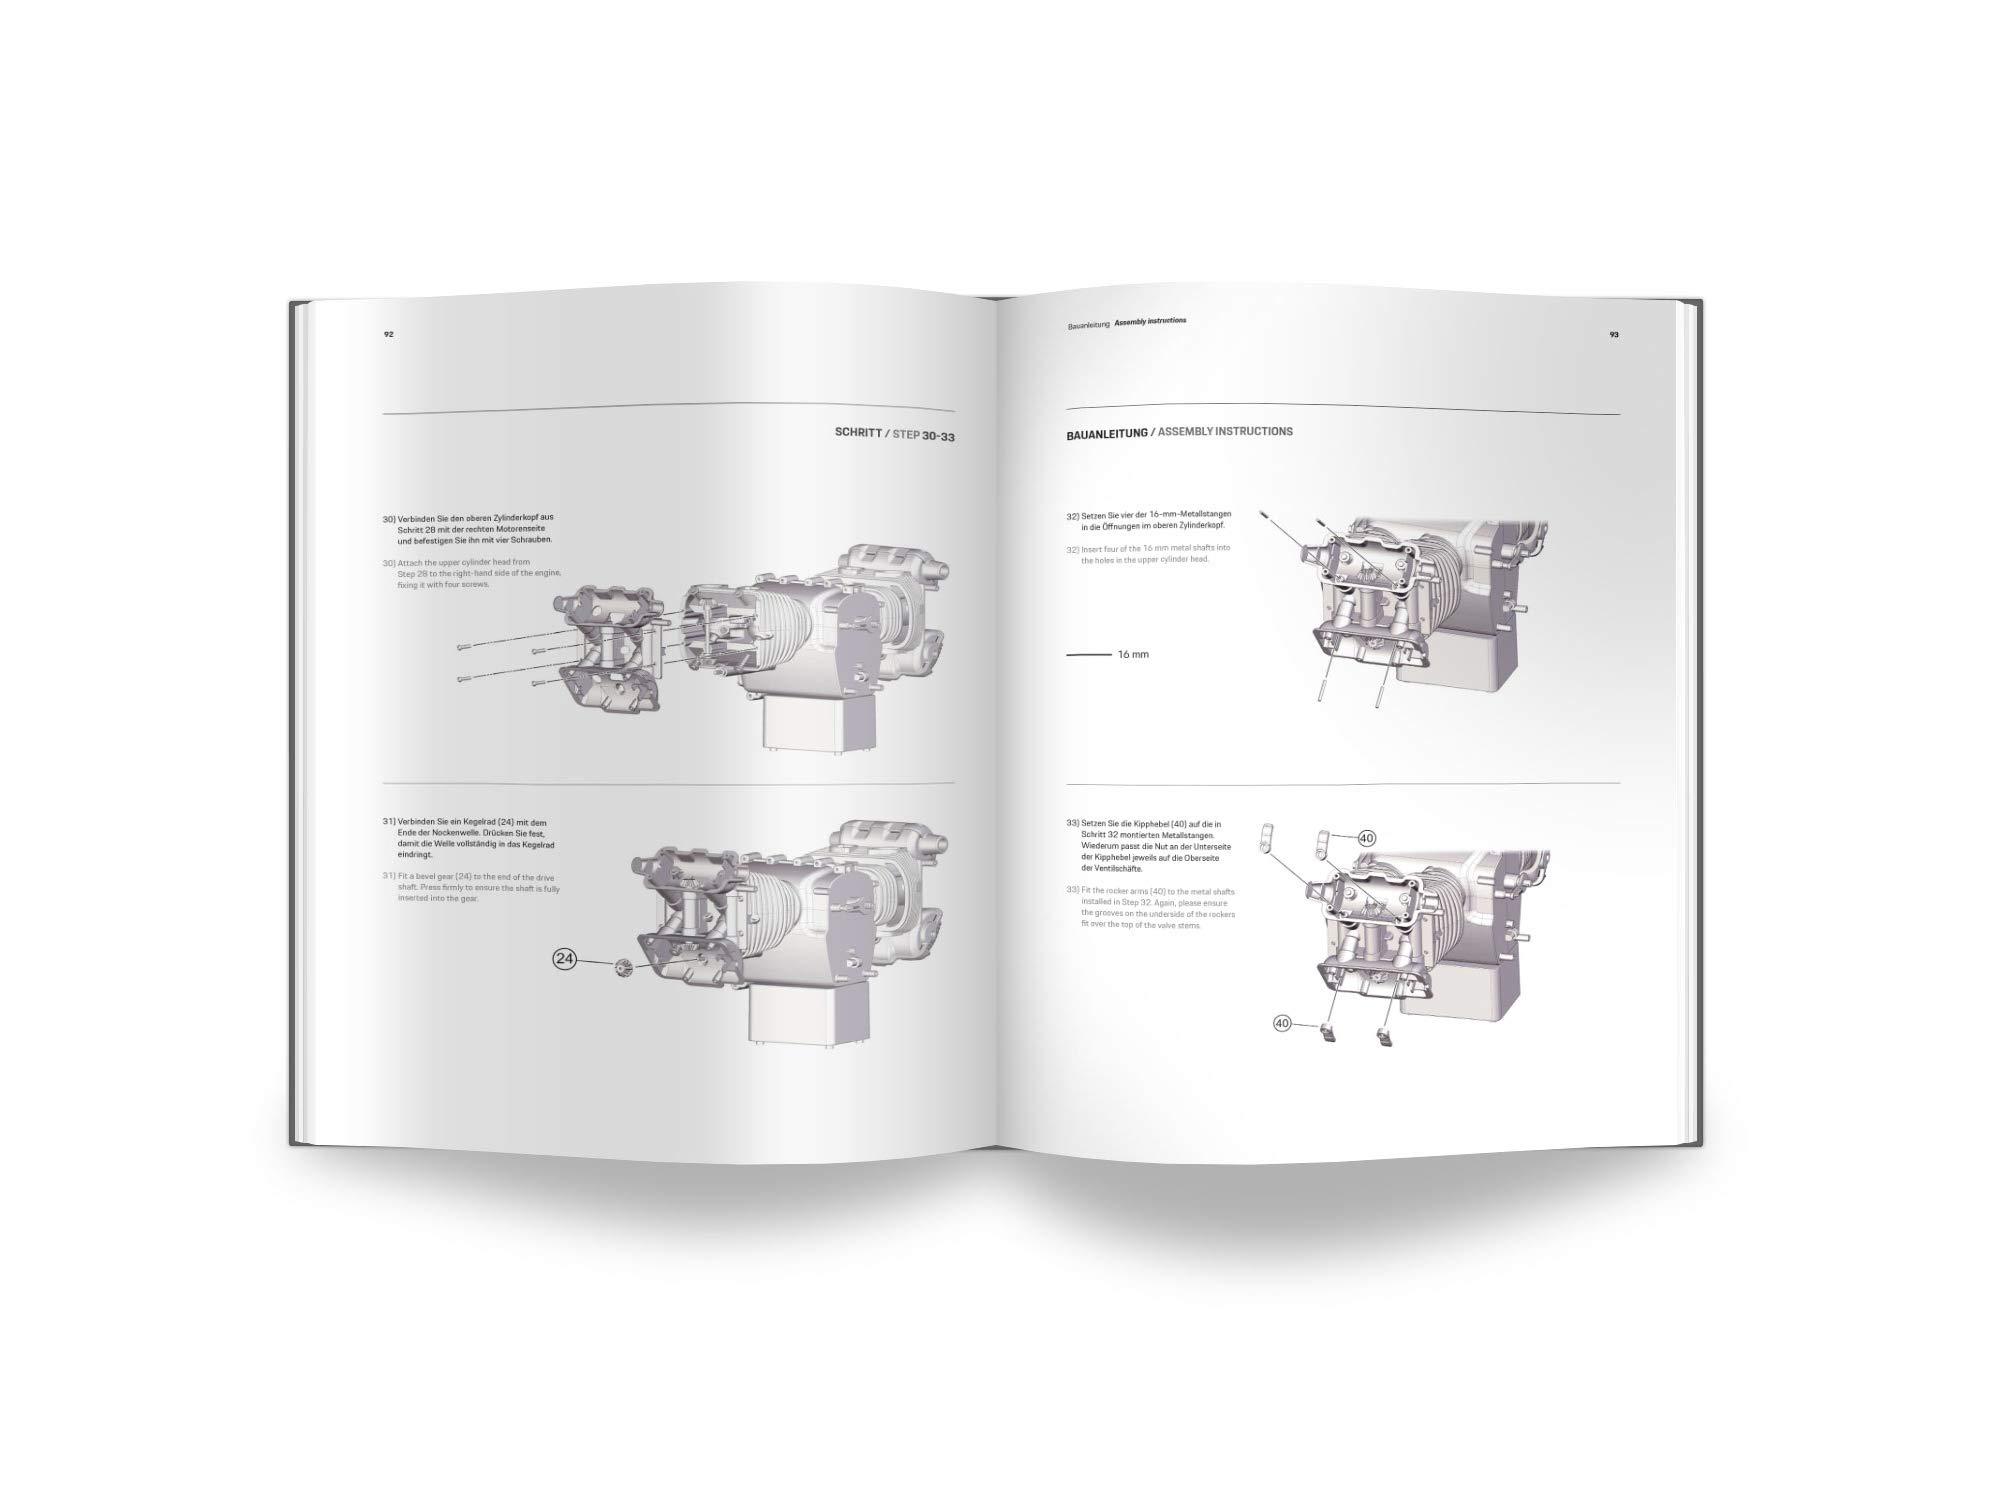 PORSCHE Carrera-Rennmotor: 4-Zylinder Boxermodell vom Typ 547 | Carrera on